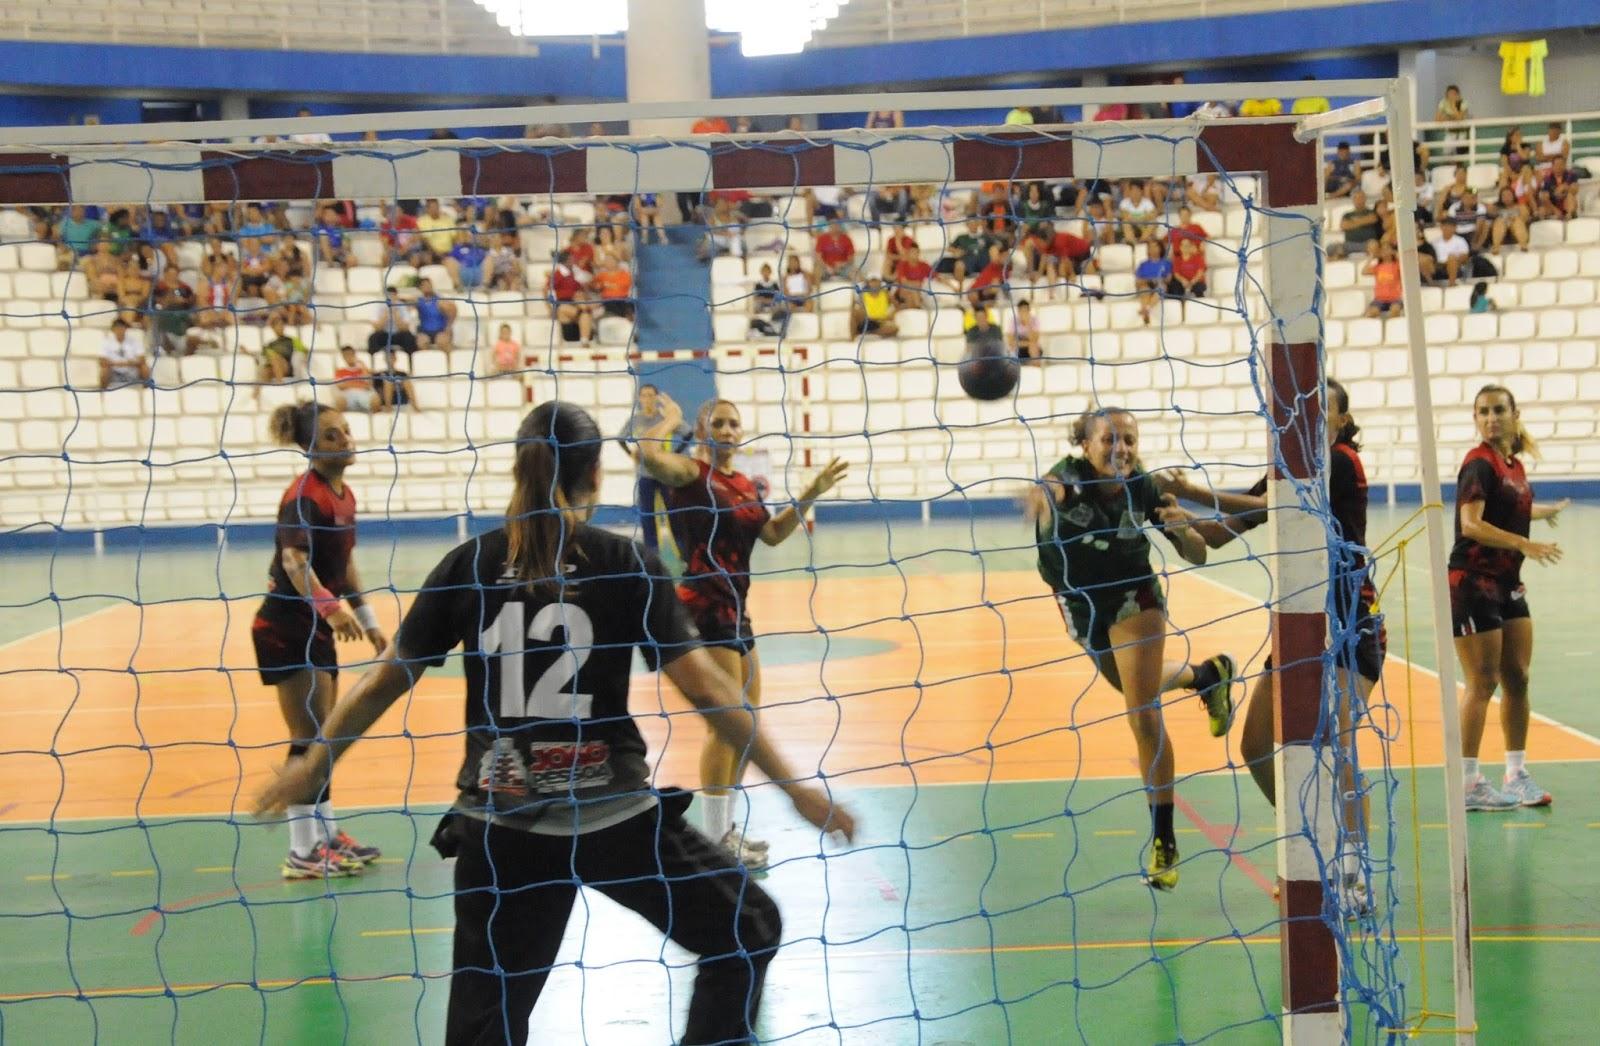 f7c836e4d8 Manaus AM - O Esporte Olímpico novamente está em pauta na capital  amazonense